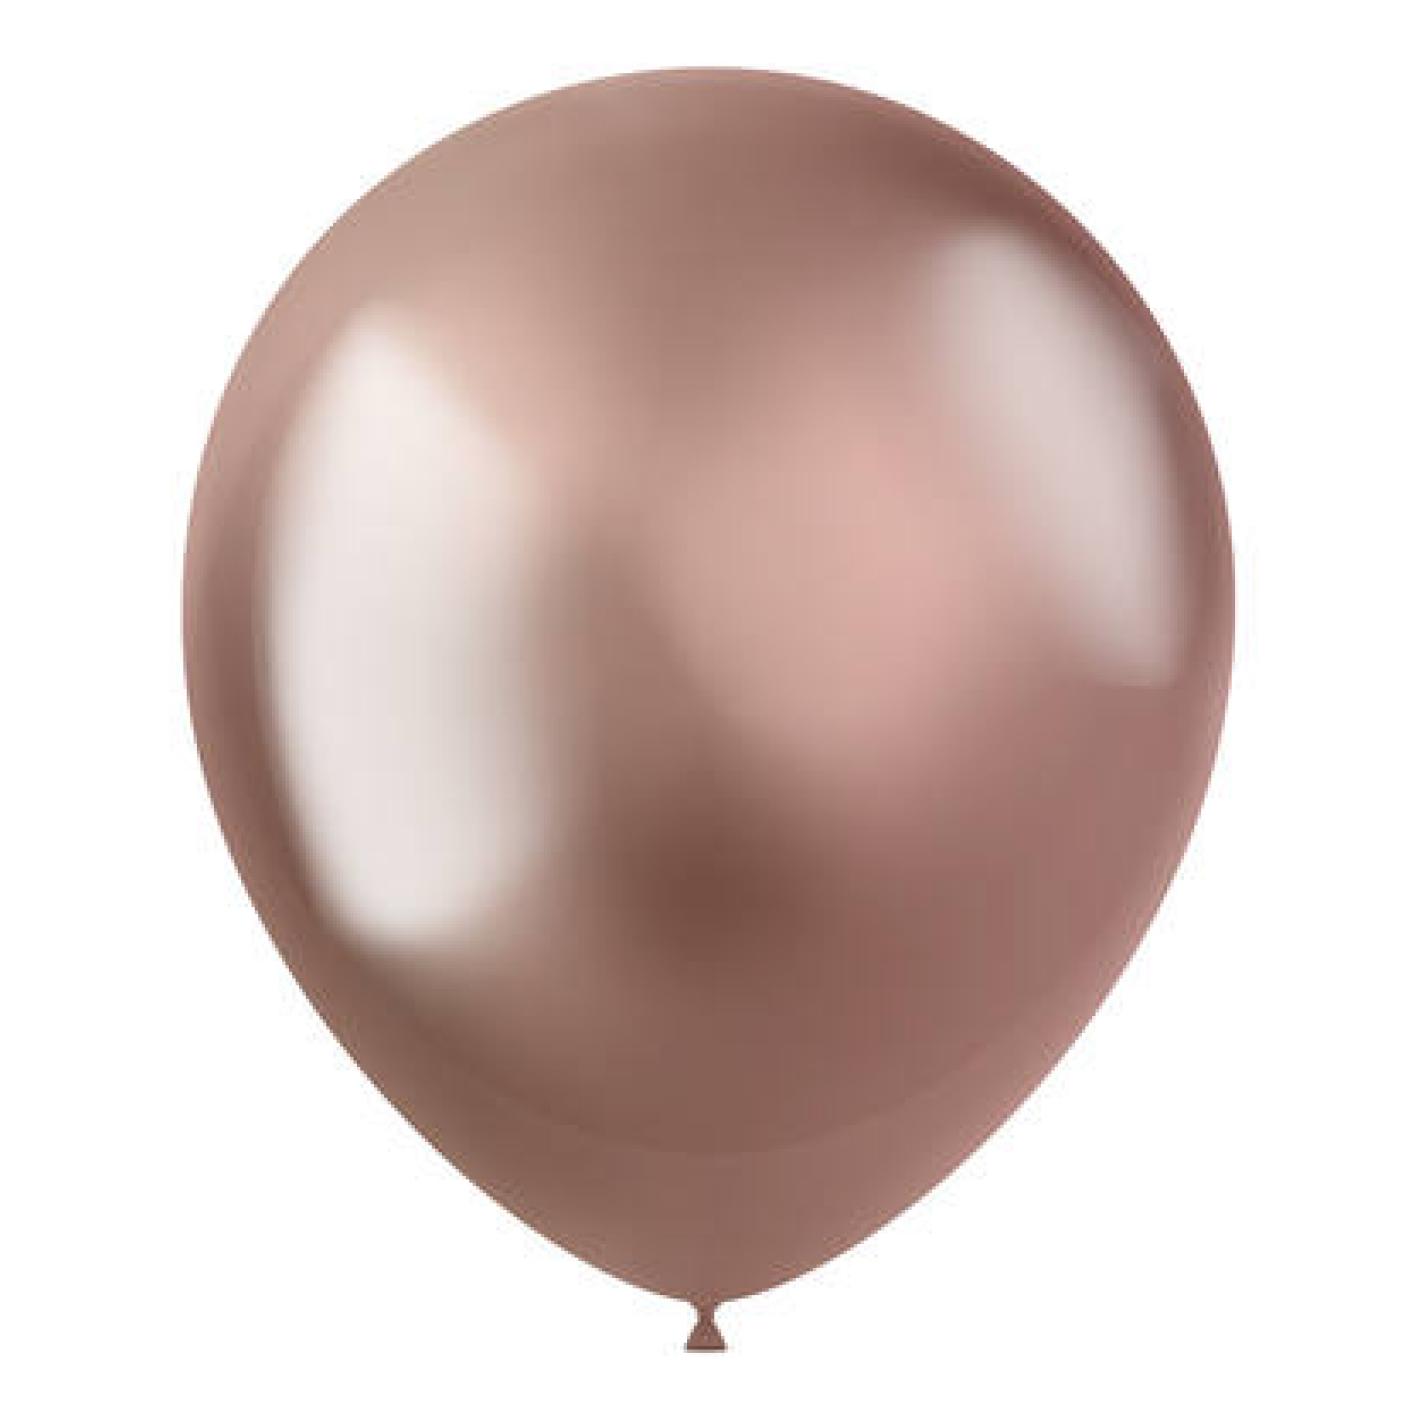 Folat Ballonnen - Rosé goud - Intense - 30cm - 50st.